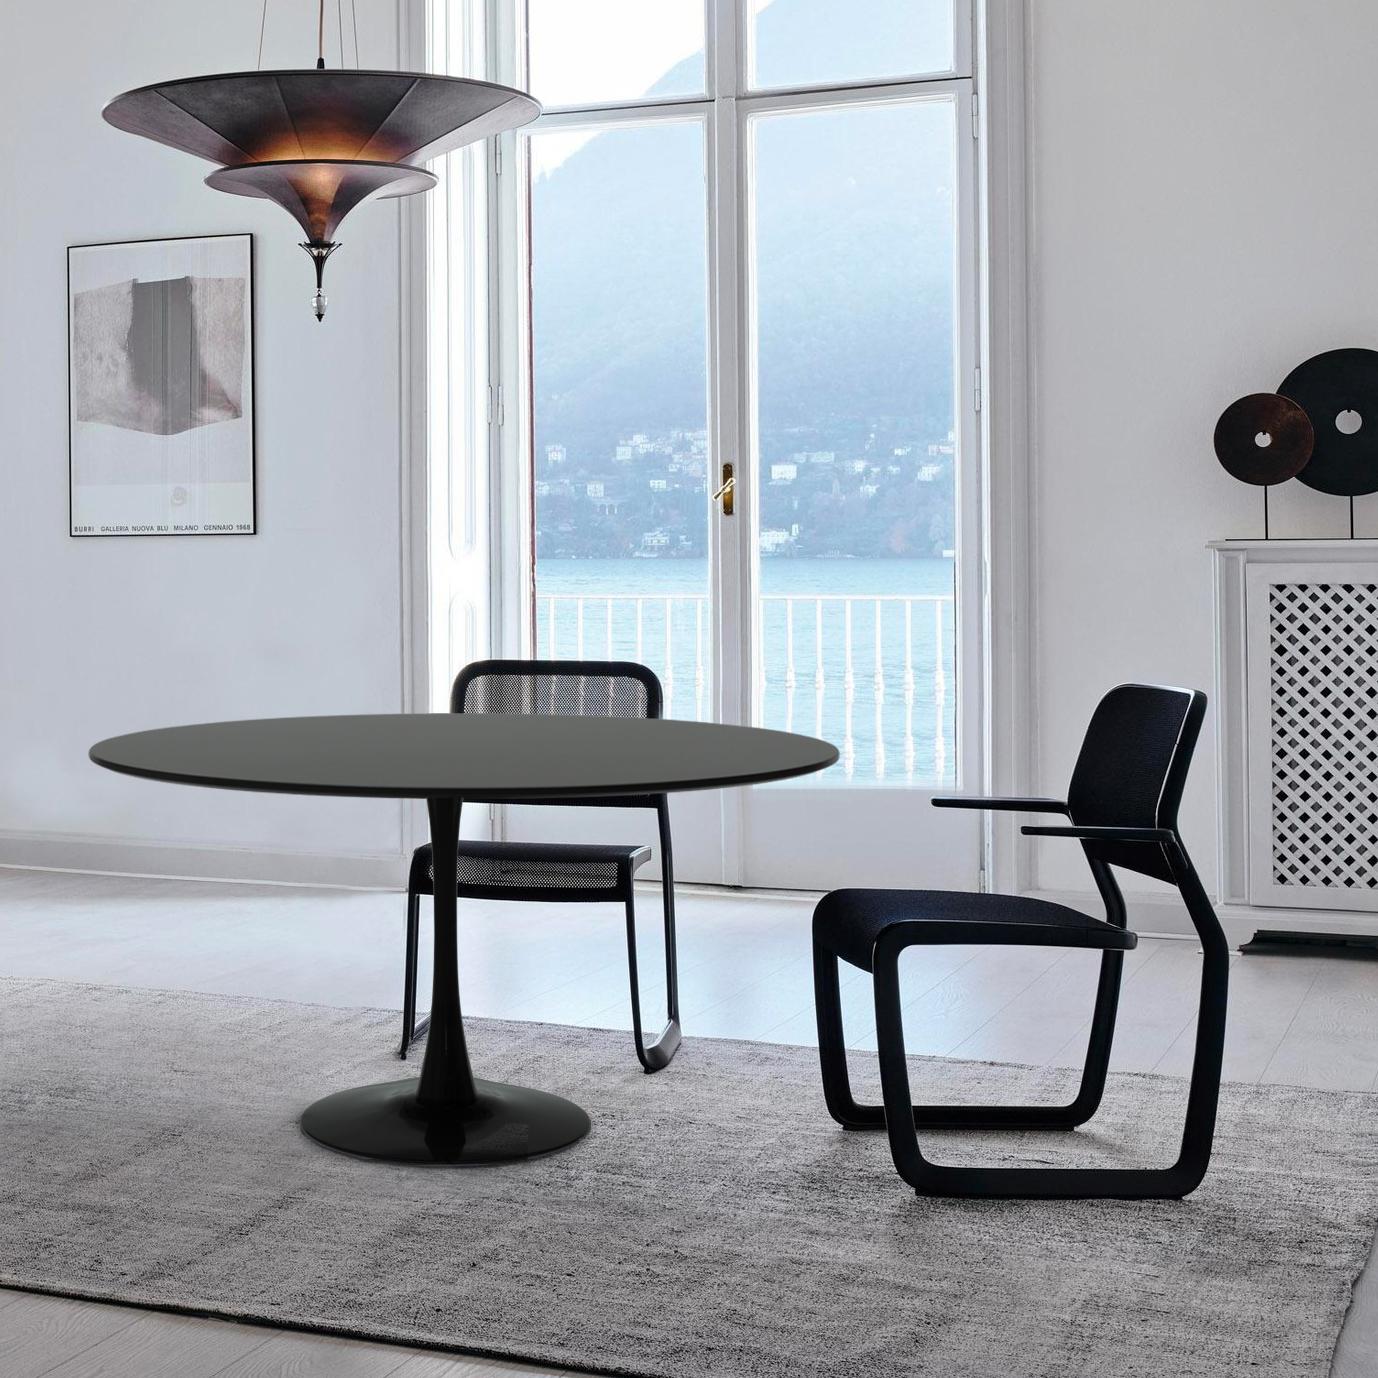 Tavolo TULIP 120 cm rotondo bianco e nero per soggiorno ...